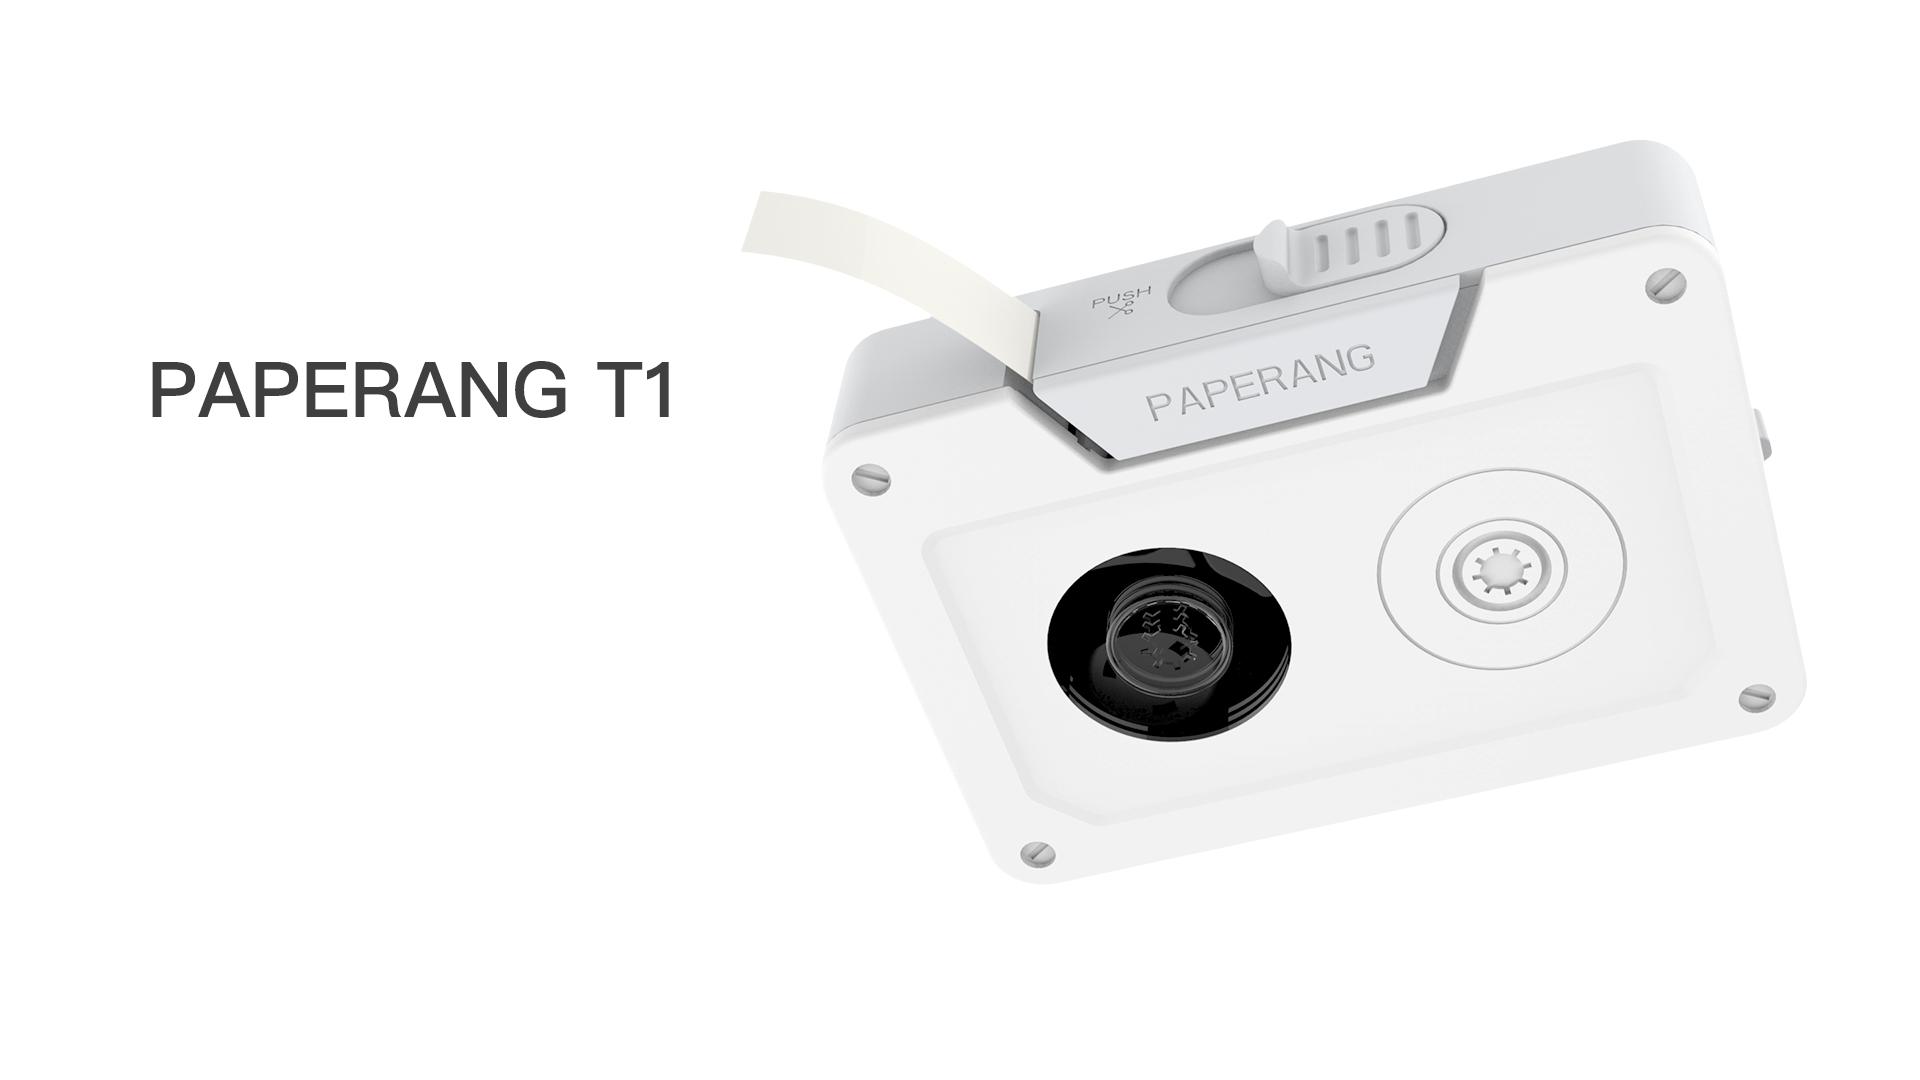 Paperang T1